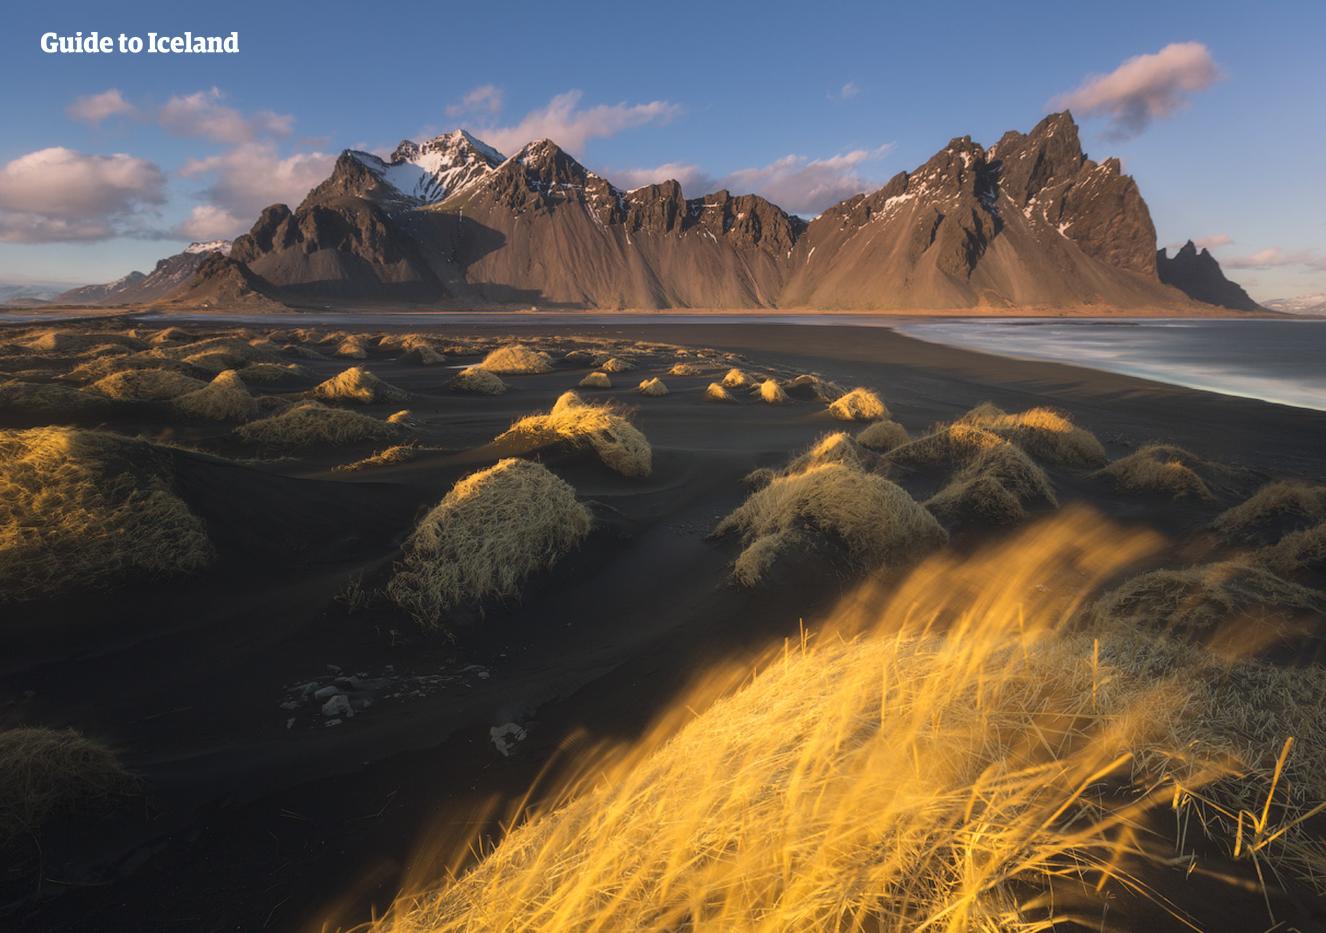 地熱活動が最も活動的なアイスランド北部